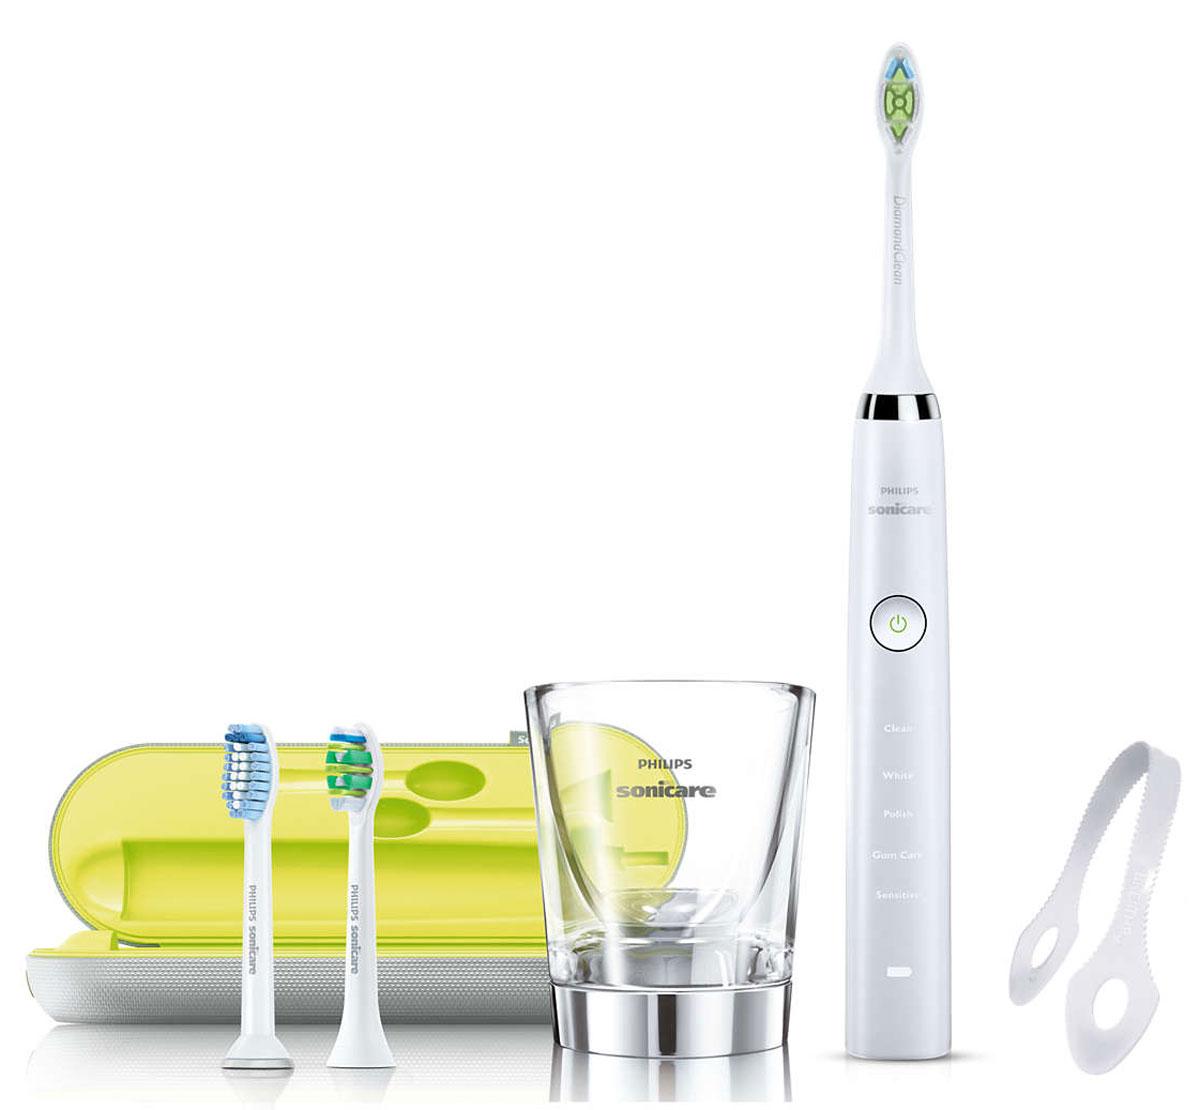 Philips HX9332/35 Sonicare DiamondClean электрическая зубная щеткаHX9332/35Электрическая зубная щетка Philips Sonicare DiamondClean удаляет в 7 раз больше налета в труднодоступных местах по сравнению с обычной зубной щеткой. Она гарантирует оптимальную чистку между зубами и вдоль десен и улучшает состояние десен всего за две недели. Превосходно справляется с чисткой межзубных промежутков и удаляет значительно больше налета по сравнению с обычной зубной щеткой. Philips Sonicare DiamondClean возвращает зубам естественную белизну в 2 раза эффективнее по сравнению с обычной зубной щеткой. Превосходный результат уже после одной недели использования. Она удаляет на 100 % больше потемнений с зубной эмали и делает вашу улыбку белоснежной и сияющей! DiamondClean — это лучшие чистящие насадки Philips Sonicare для отбеливания зубов. Щетина в форме ромба бережно и эффективно удаляет потемнения с эмали и борется с налетом. Всего за одну неделю можно удалить потемнения, появившиеся вследствие потребления кофе, чая, красного вина, сигарет и...